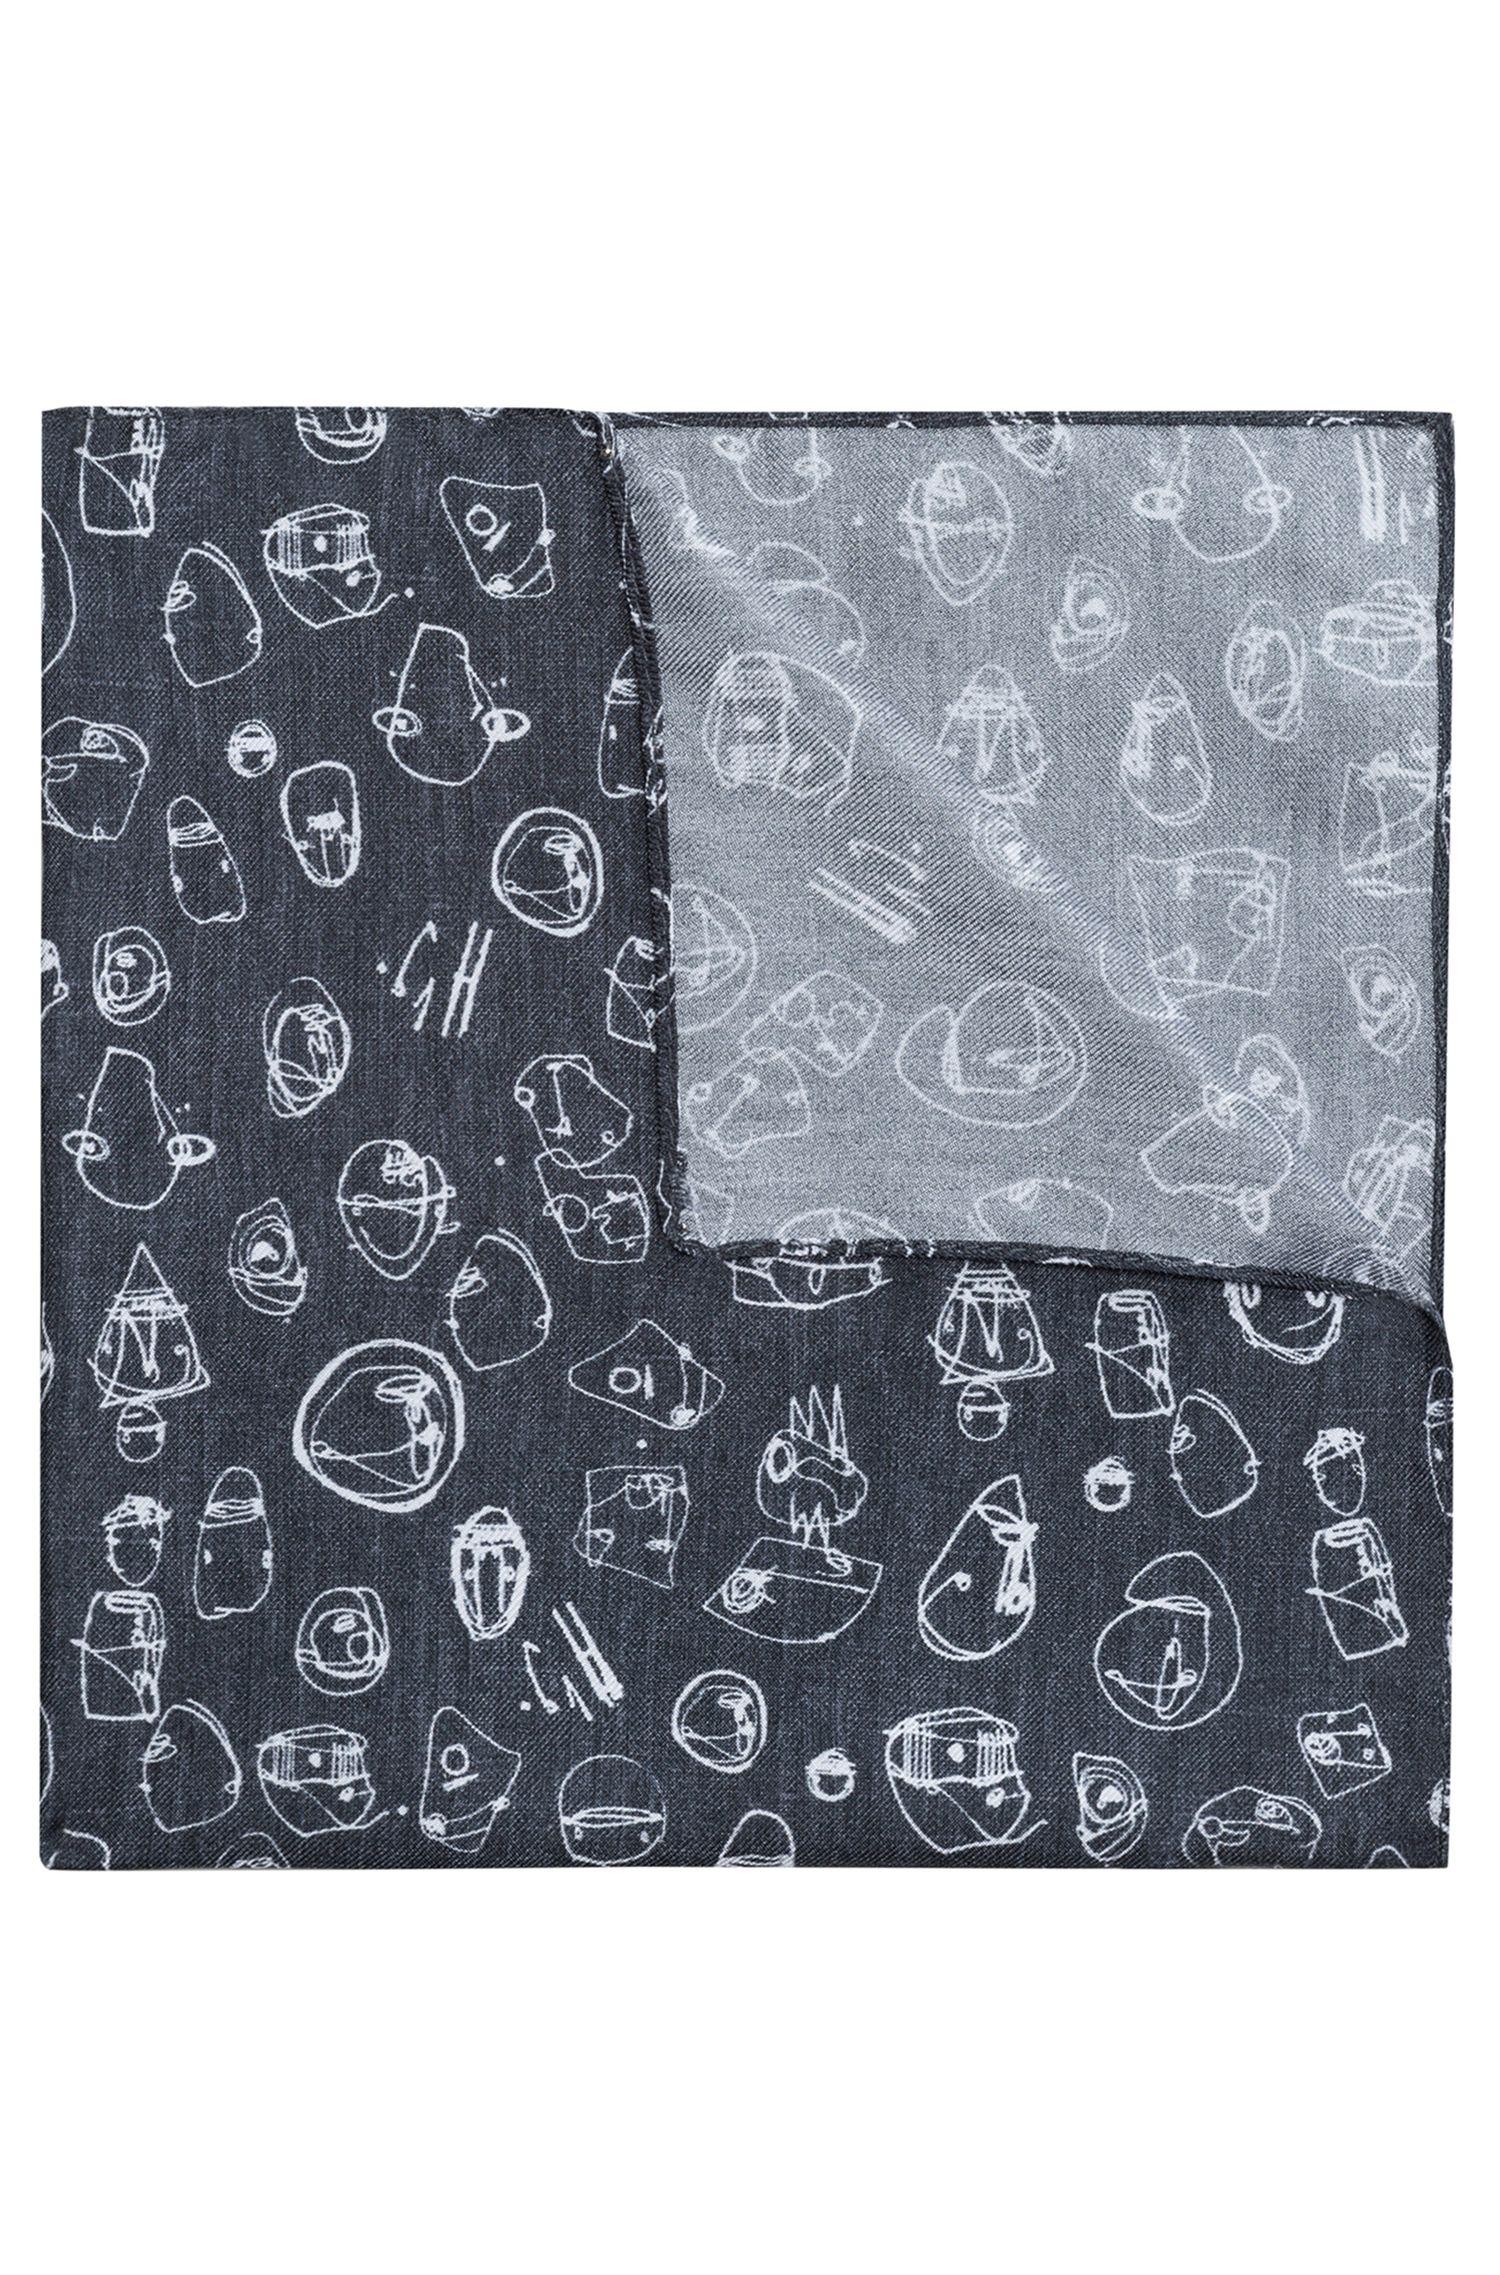 Pochette da taschino in twill di seta con stampa graffiti